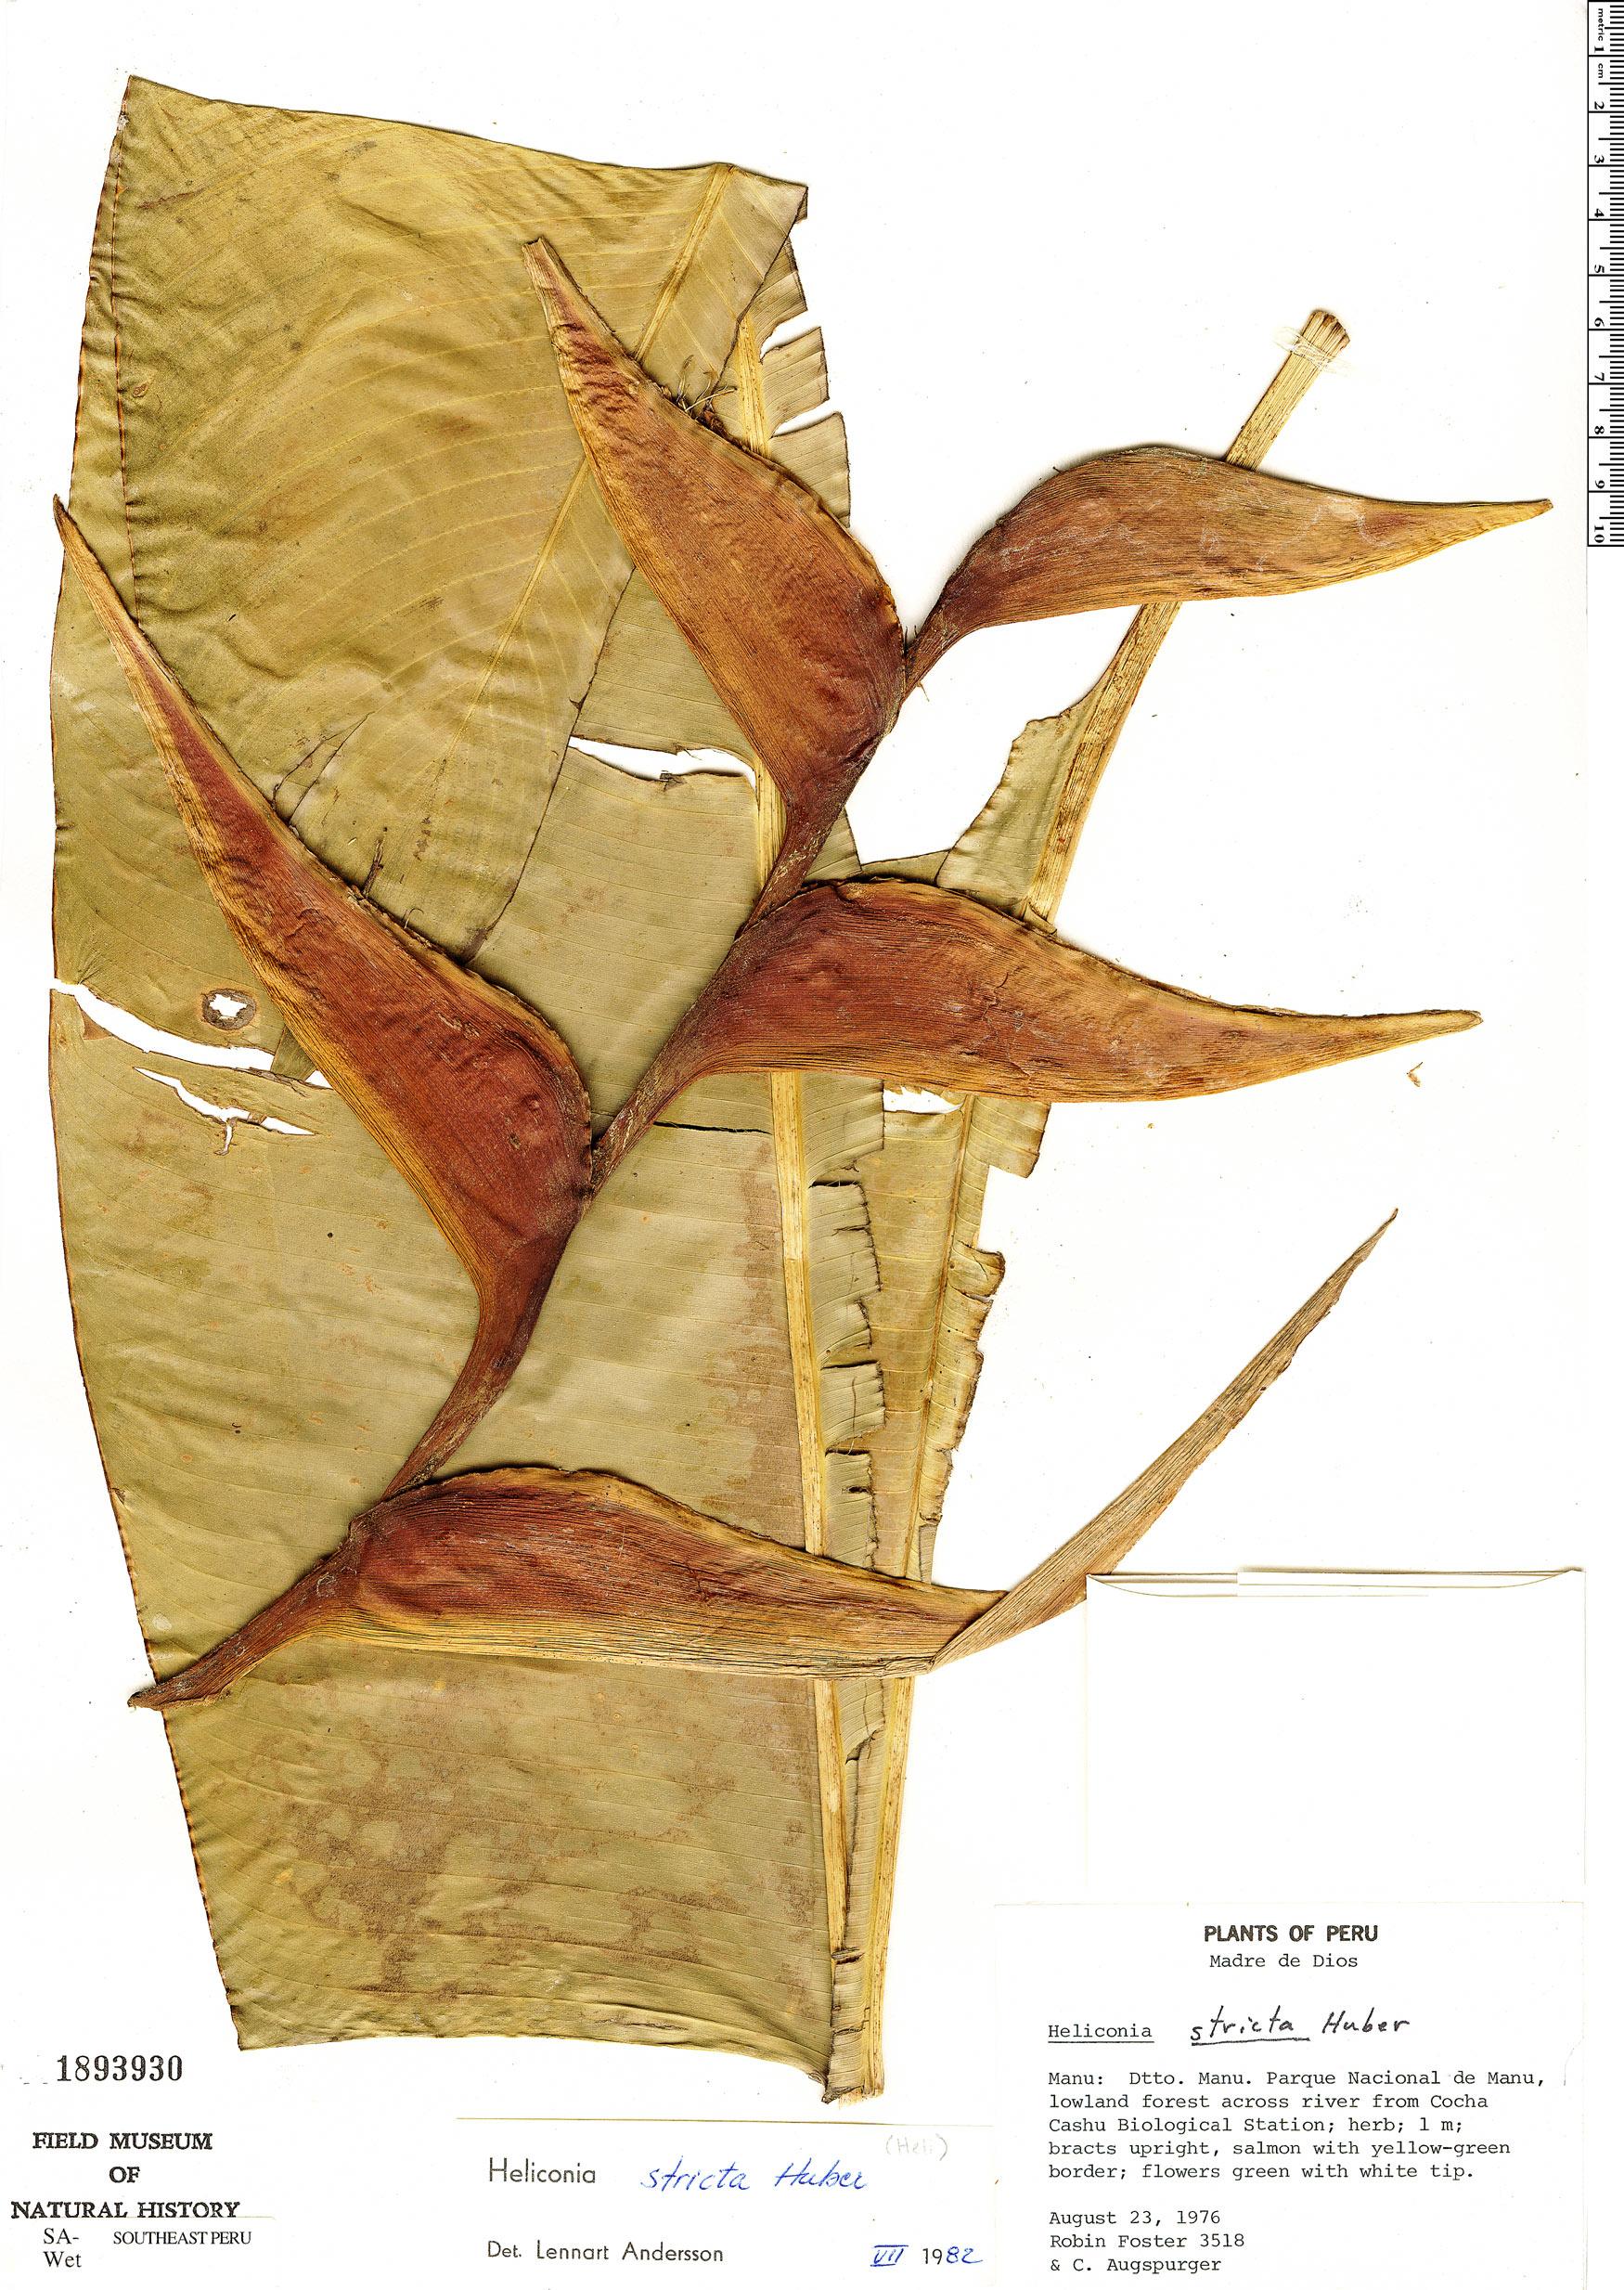 Specimen: Heliconia stricta